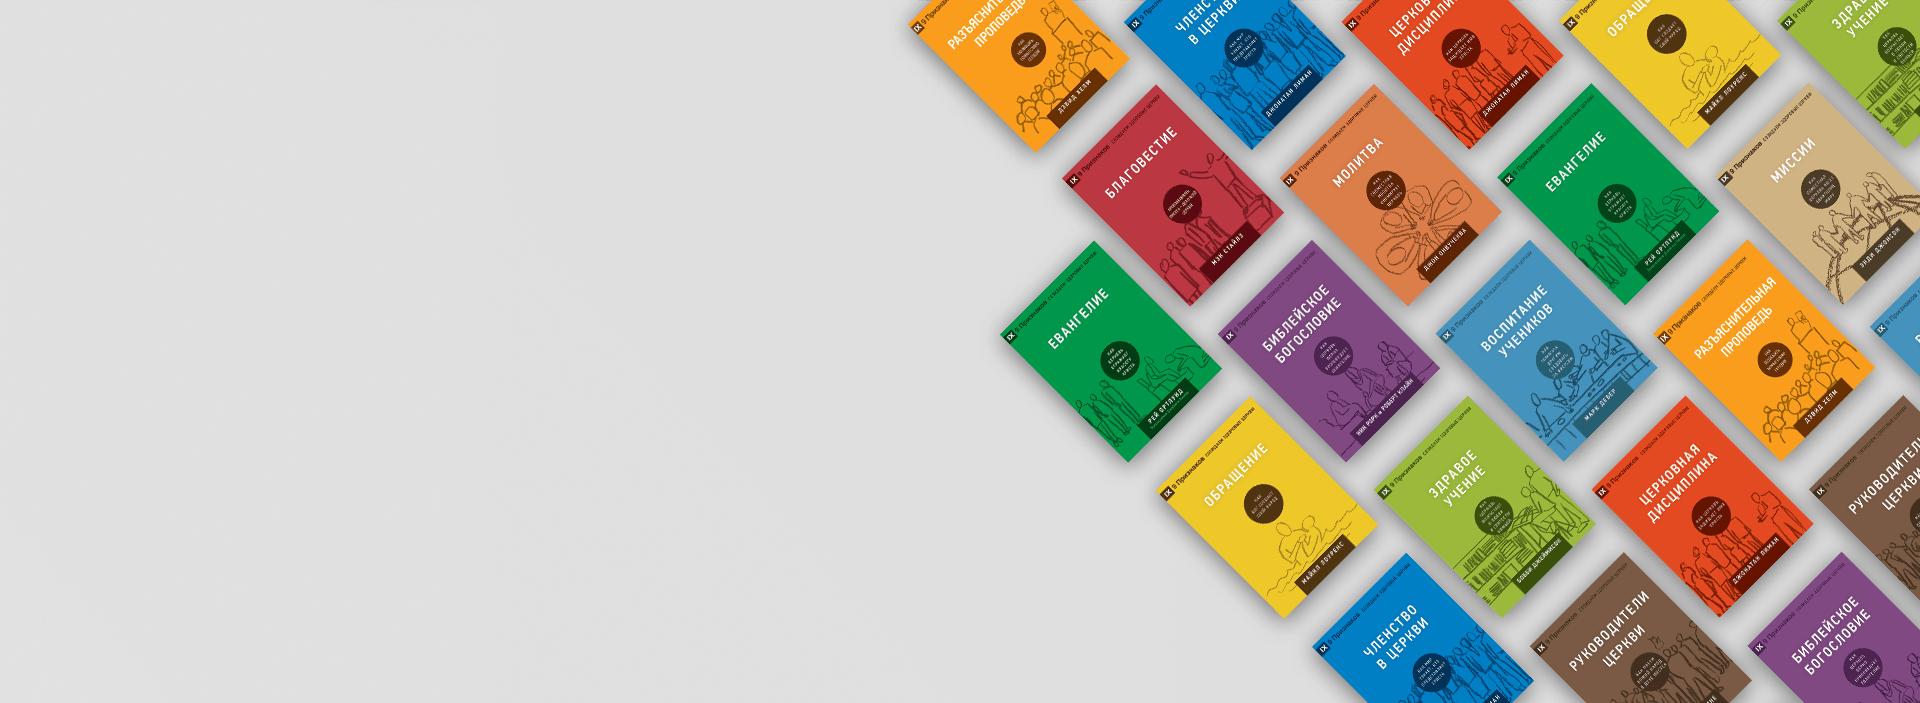 12 книг серии «Созидаем здоровые церкви»